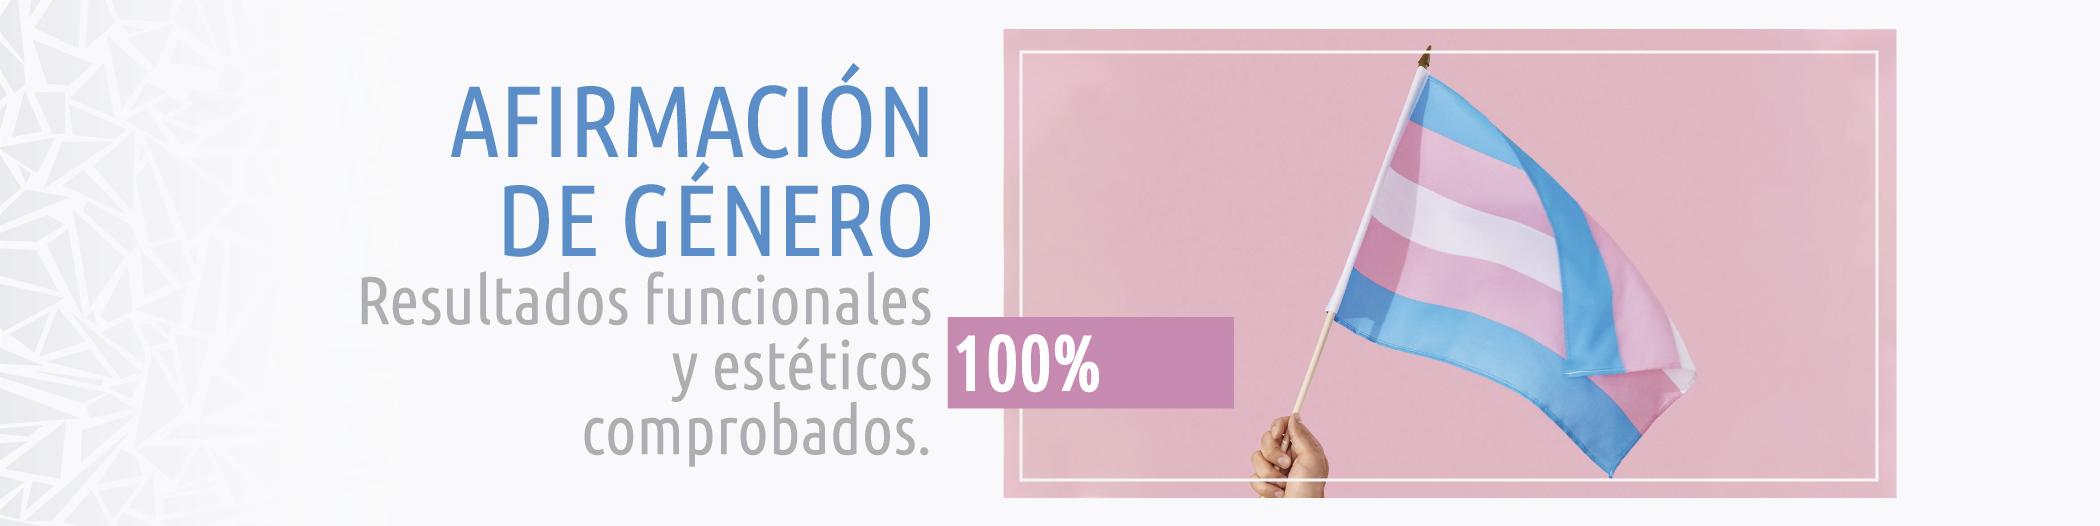 Afirmación de Género | CECM Colombia - Dr. Álvaro Hernán Rodriguez